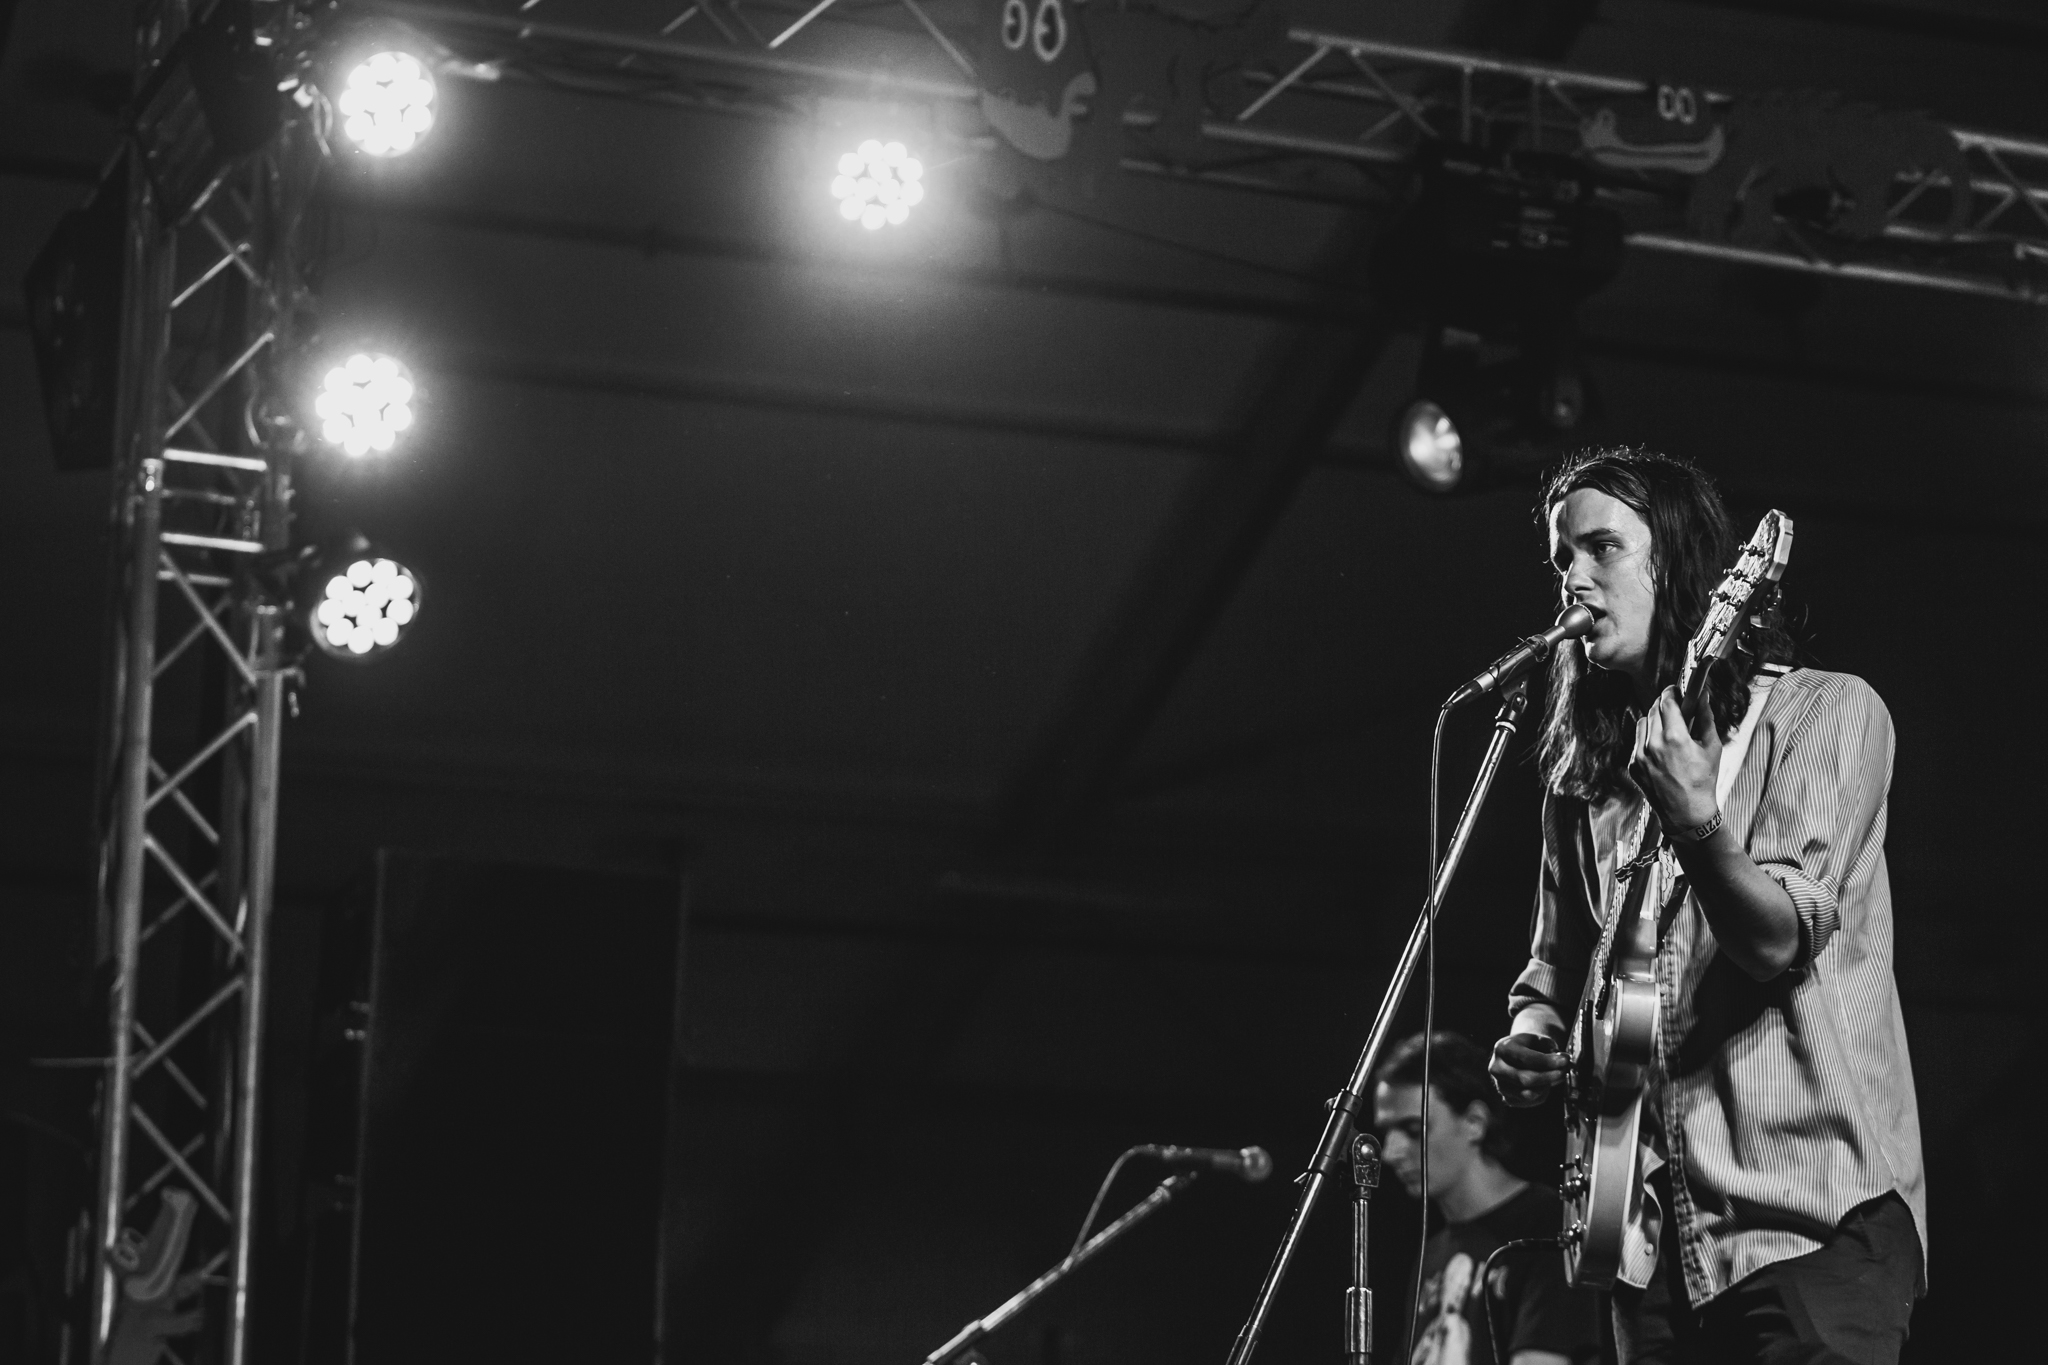 Mitch Lowe Photo - Gizzfest 2016 - The Murlocs-1818.jpg